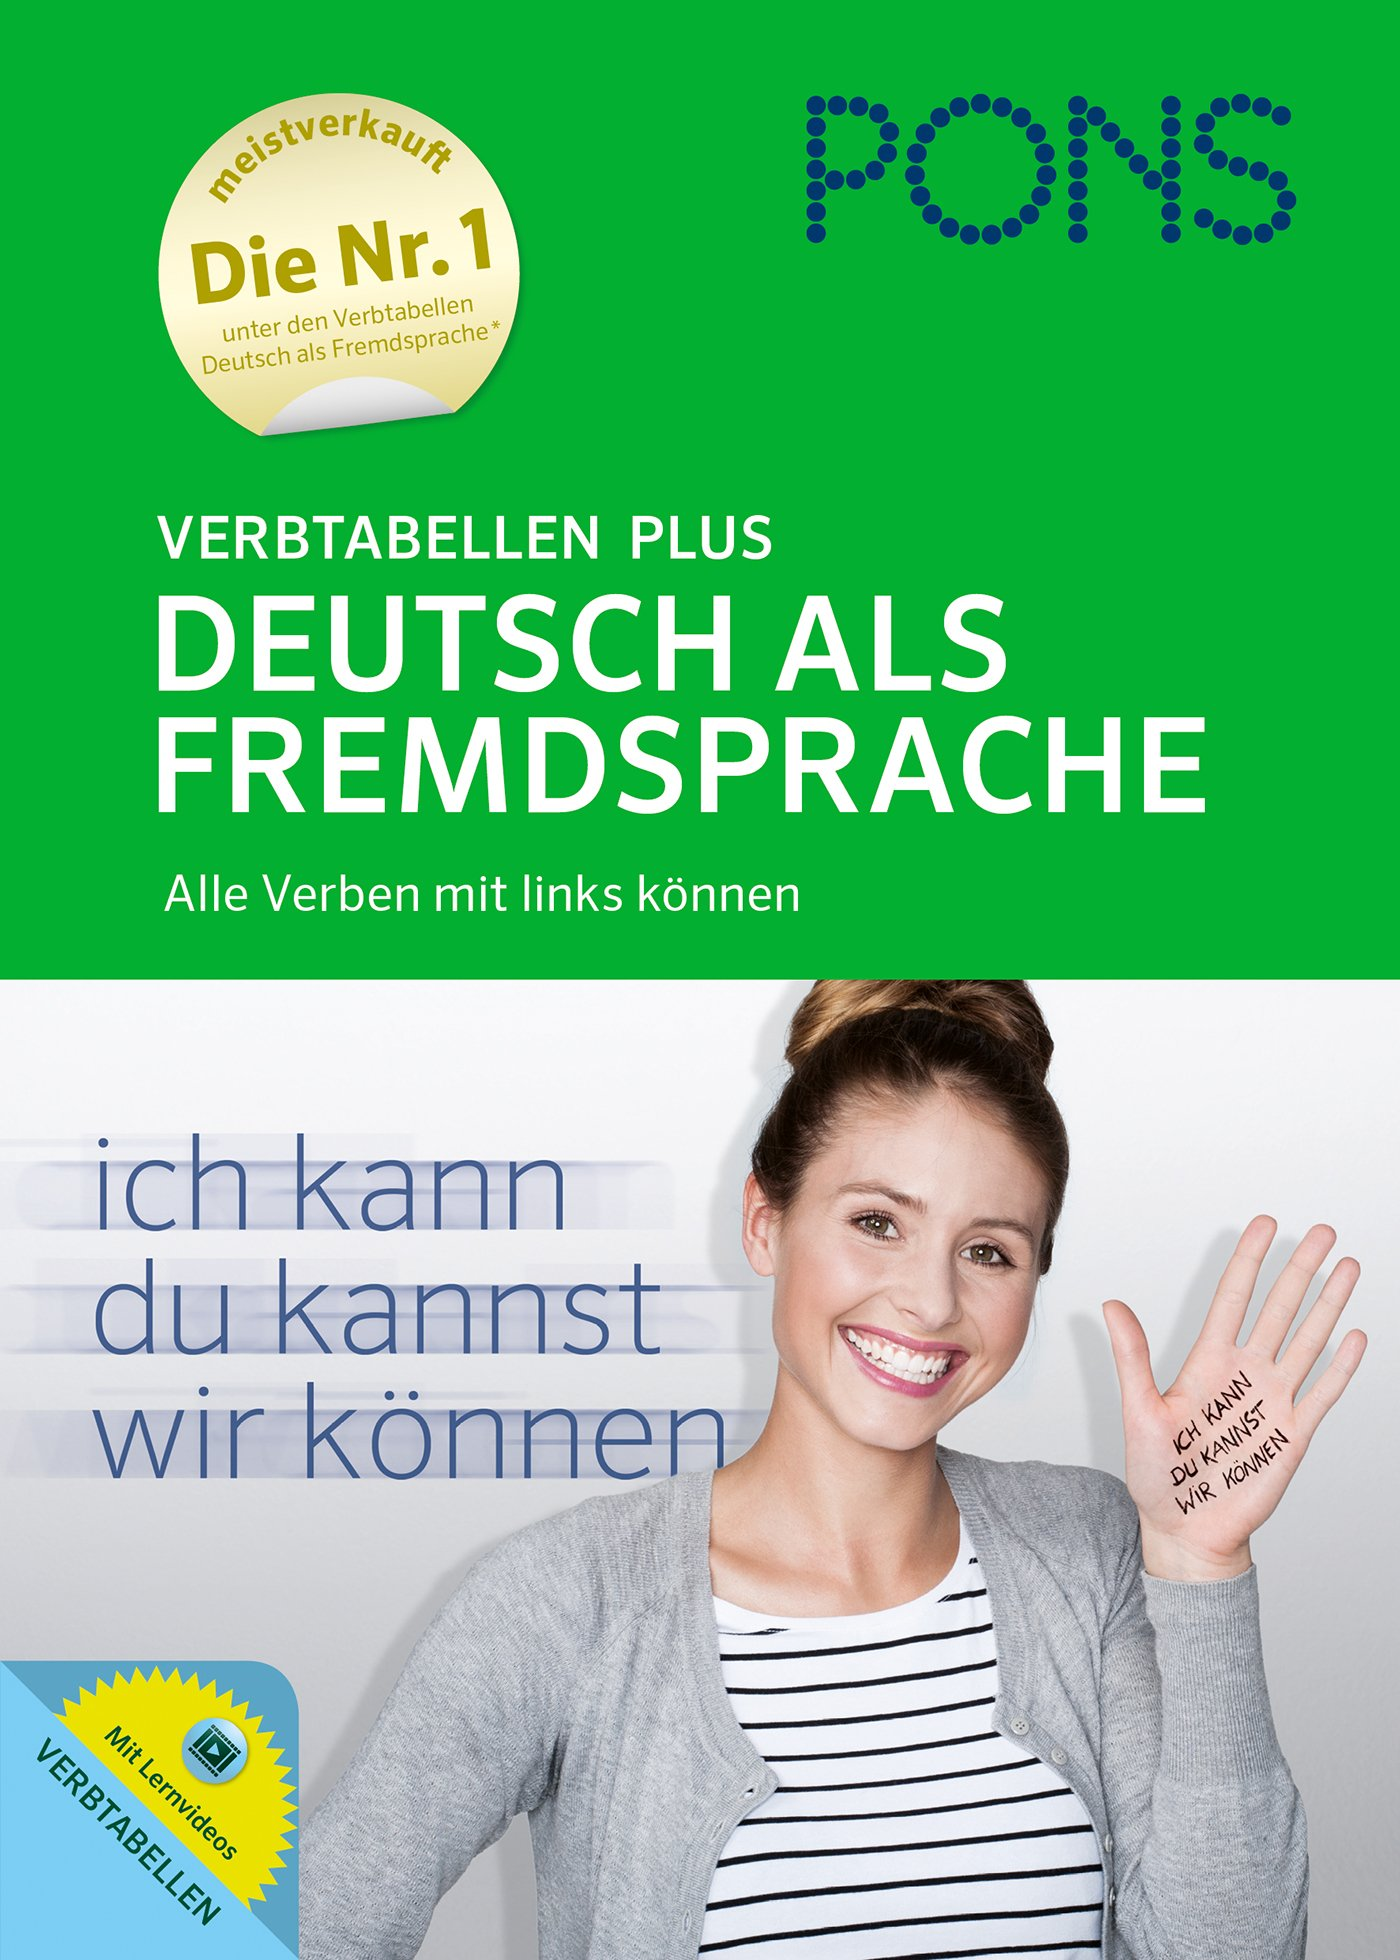 PONS Verbtabellen Plus Deutsch als Fremdsprache: Alle Verben mit links können. Mit Lernvideos.